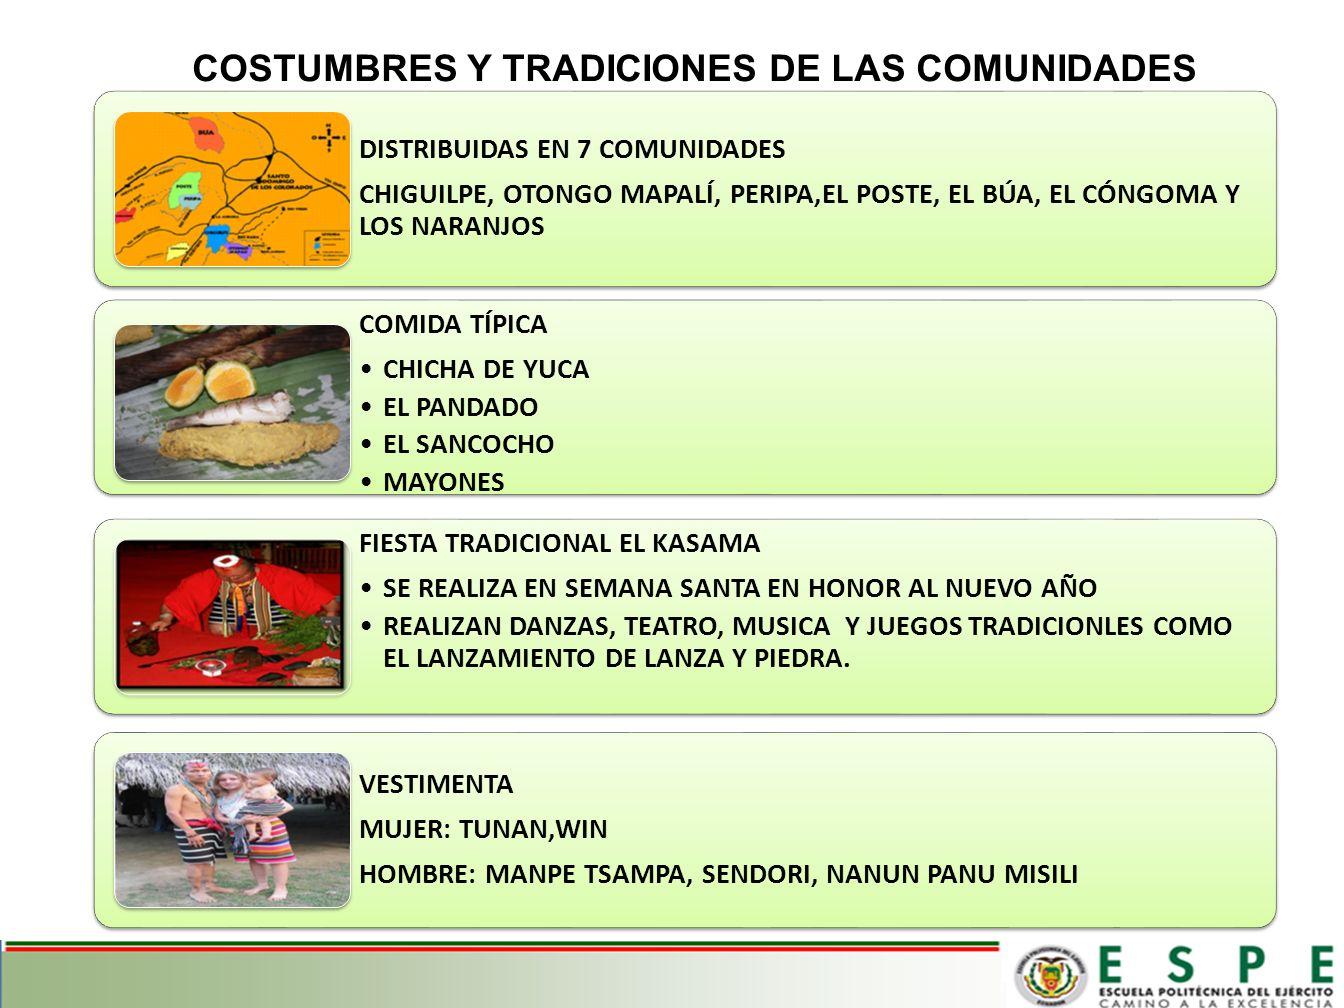 COSTUMBRES Y TRADICIONES DE LAS COMUNIDADES TSÁCHILAS